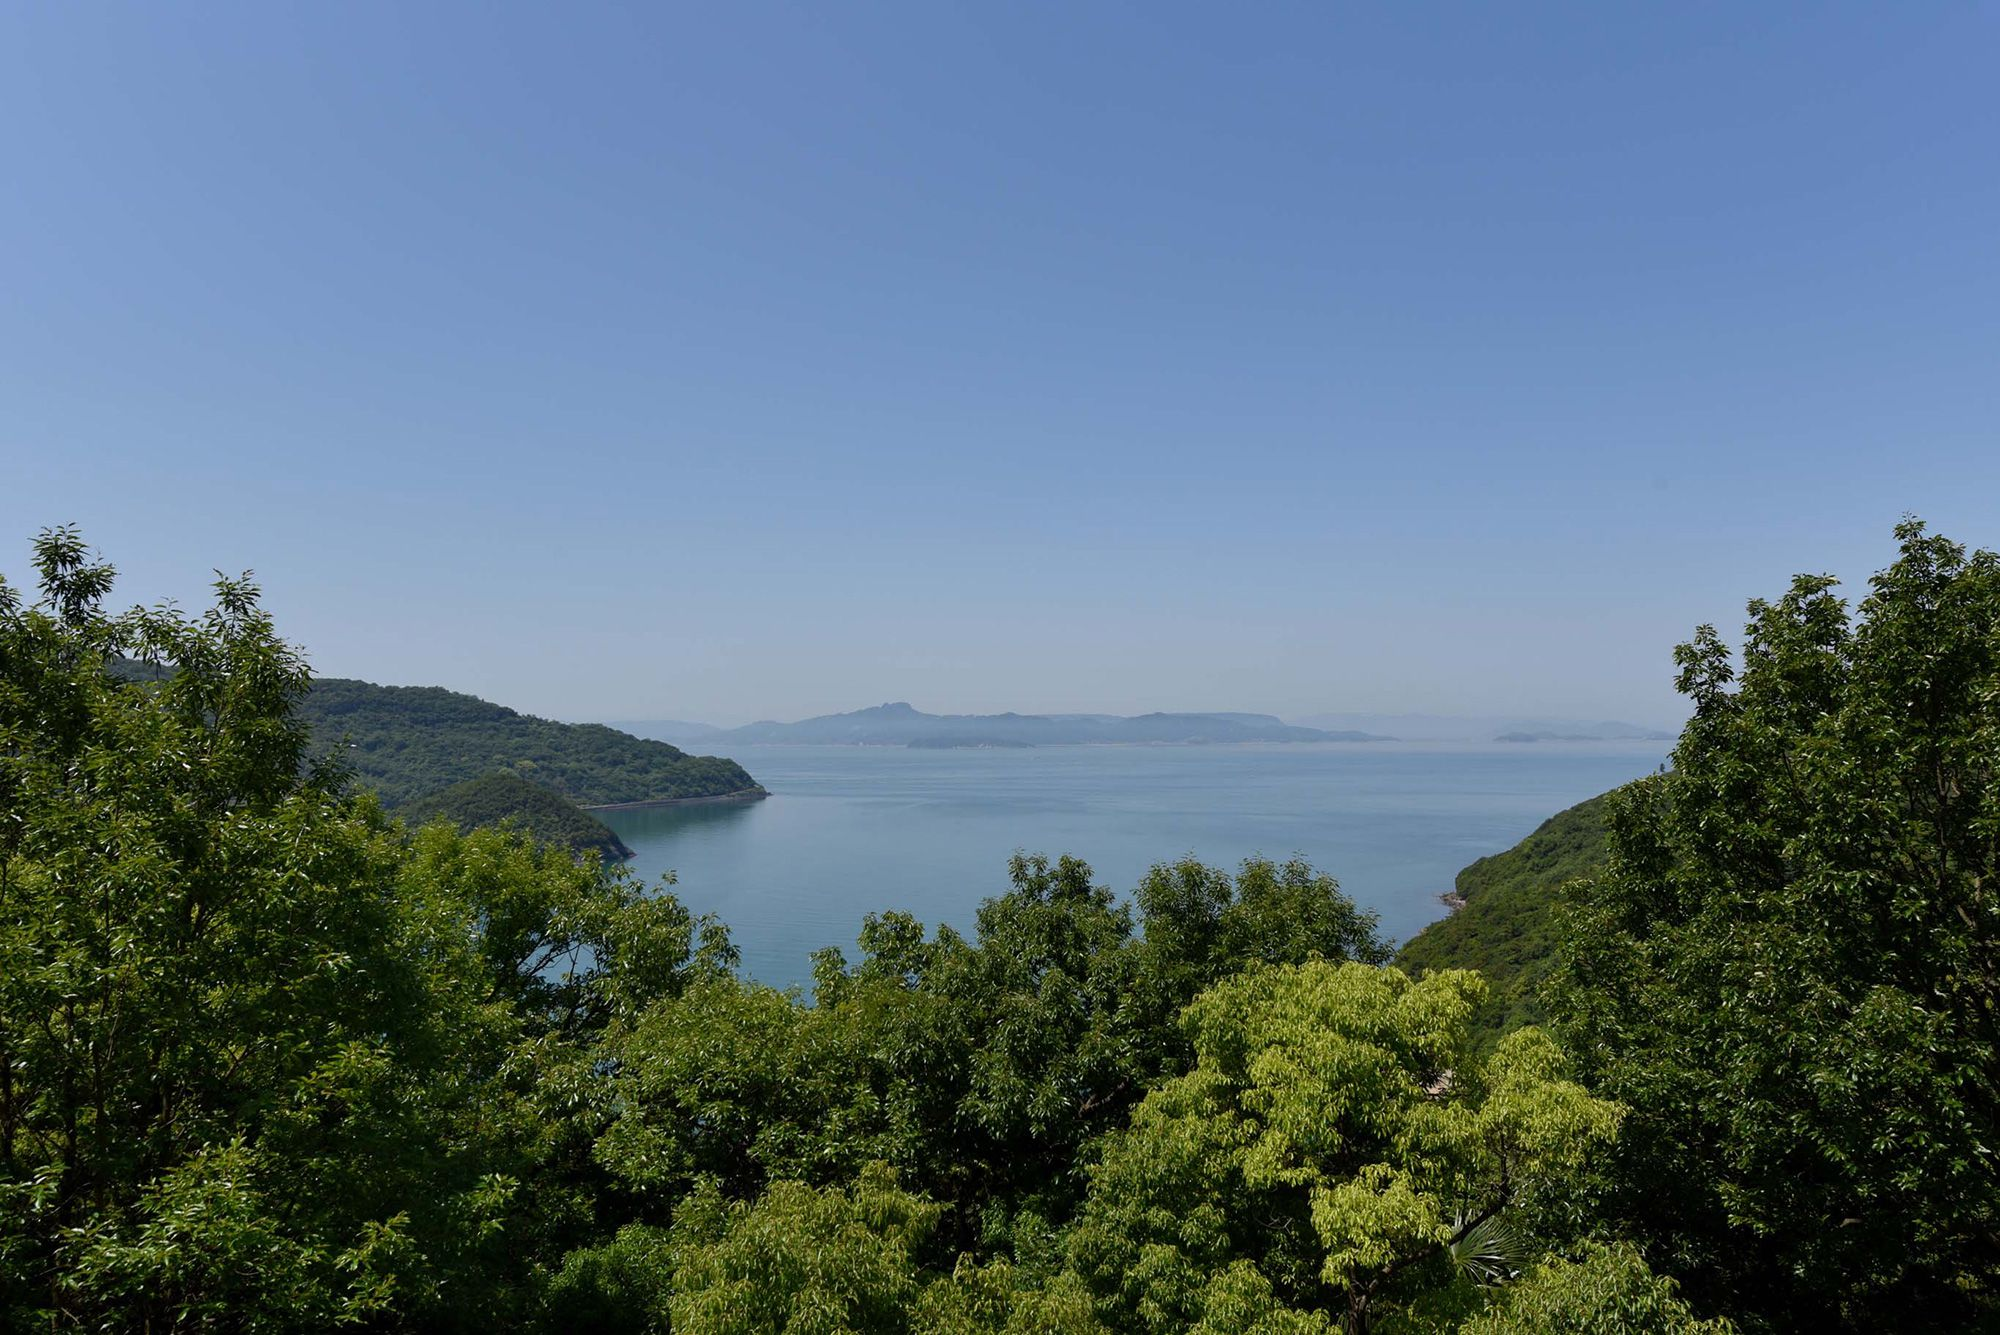 島々が浮かぶ穏やかな瀬戸内海。心和む景観が広がる。